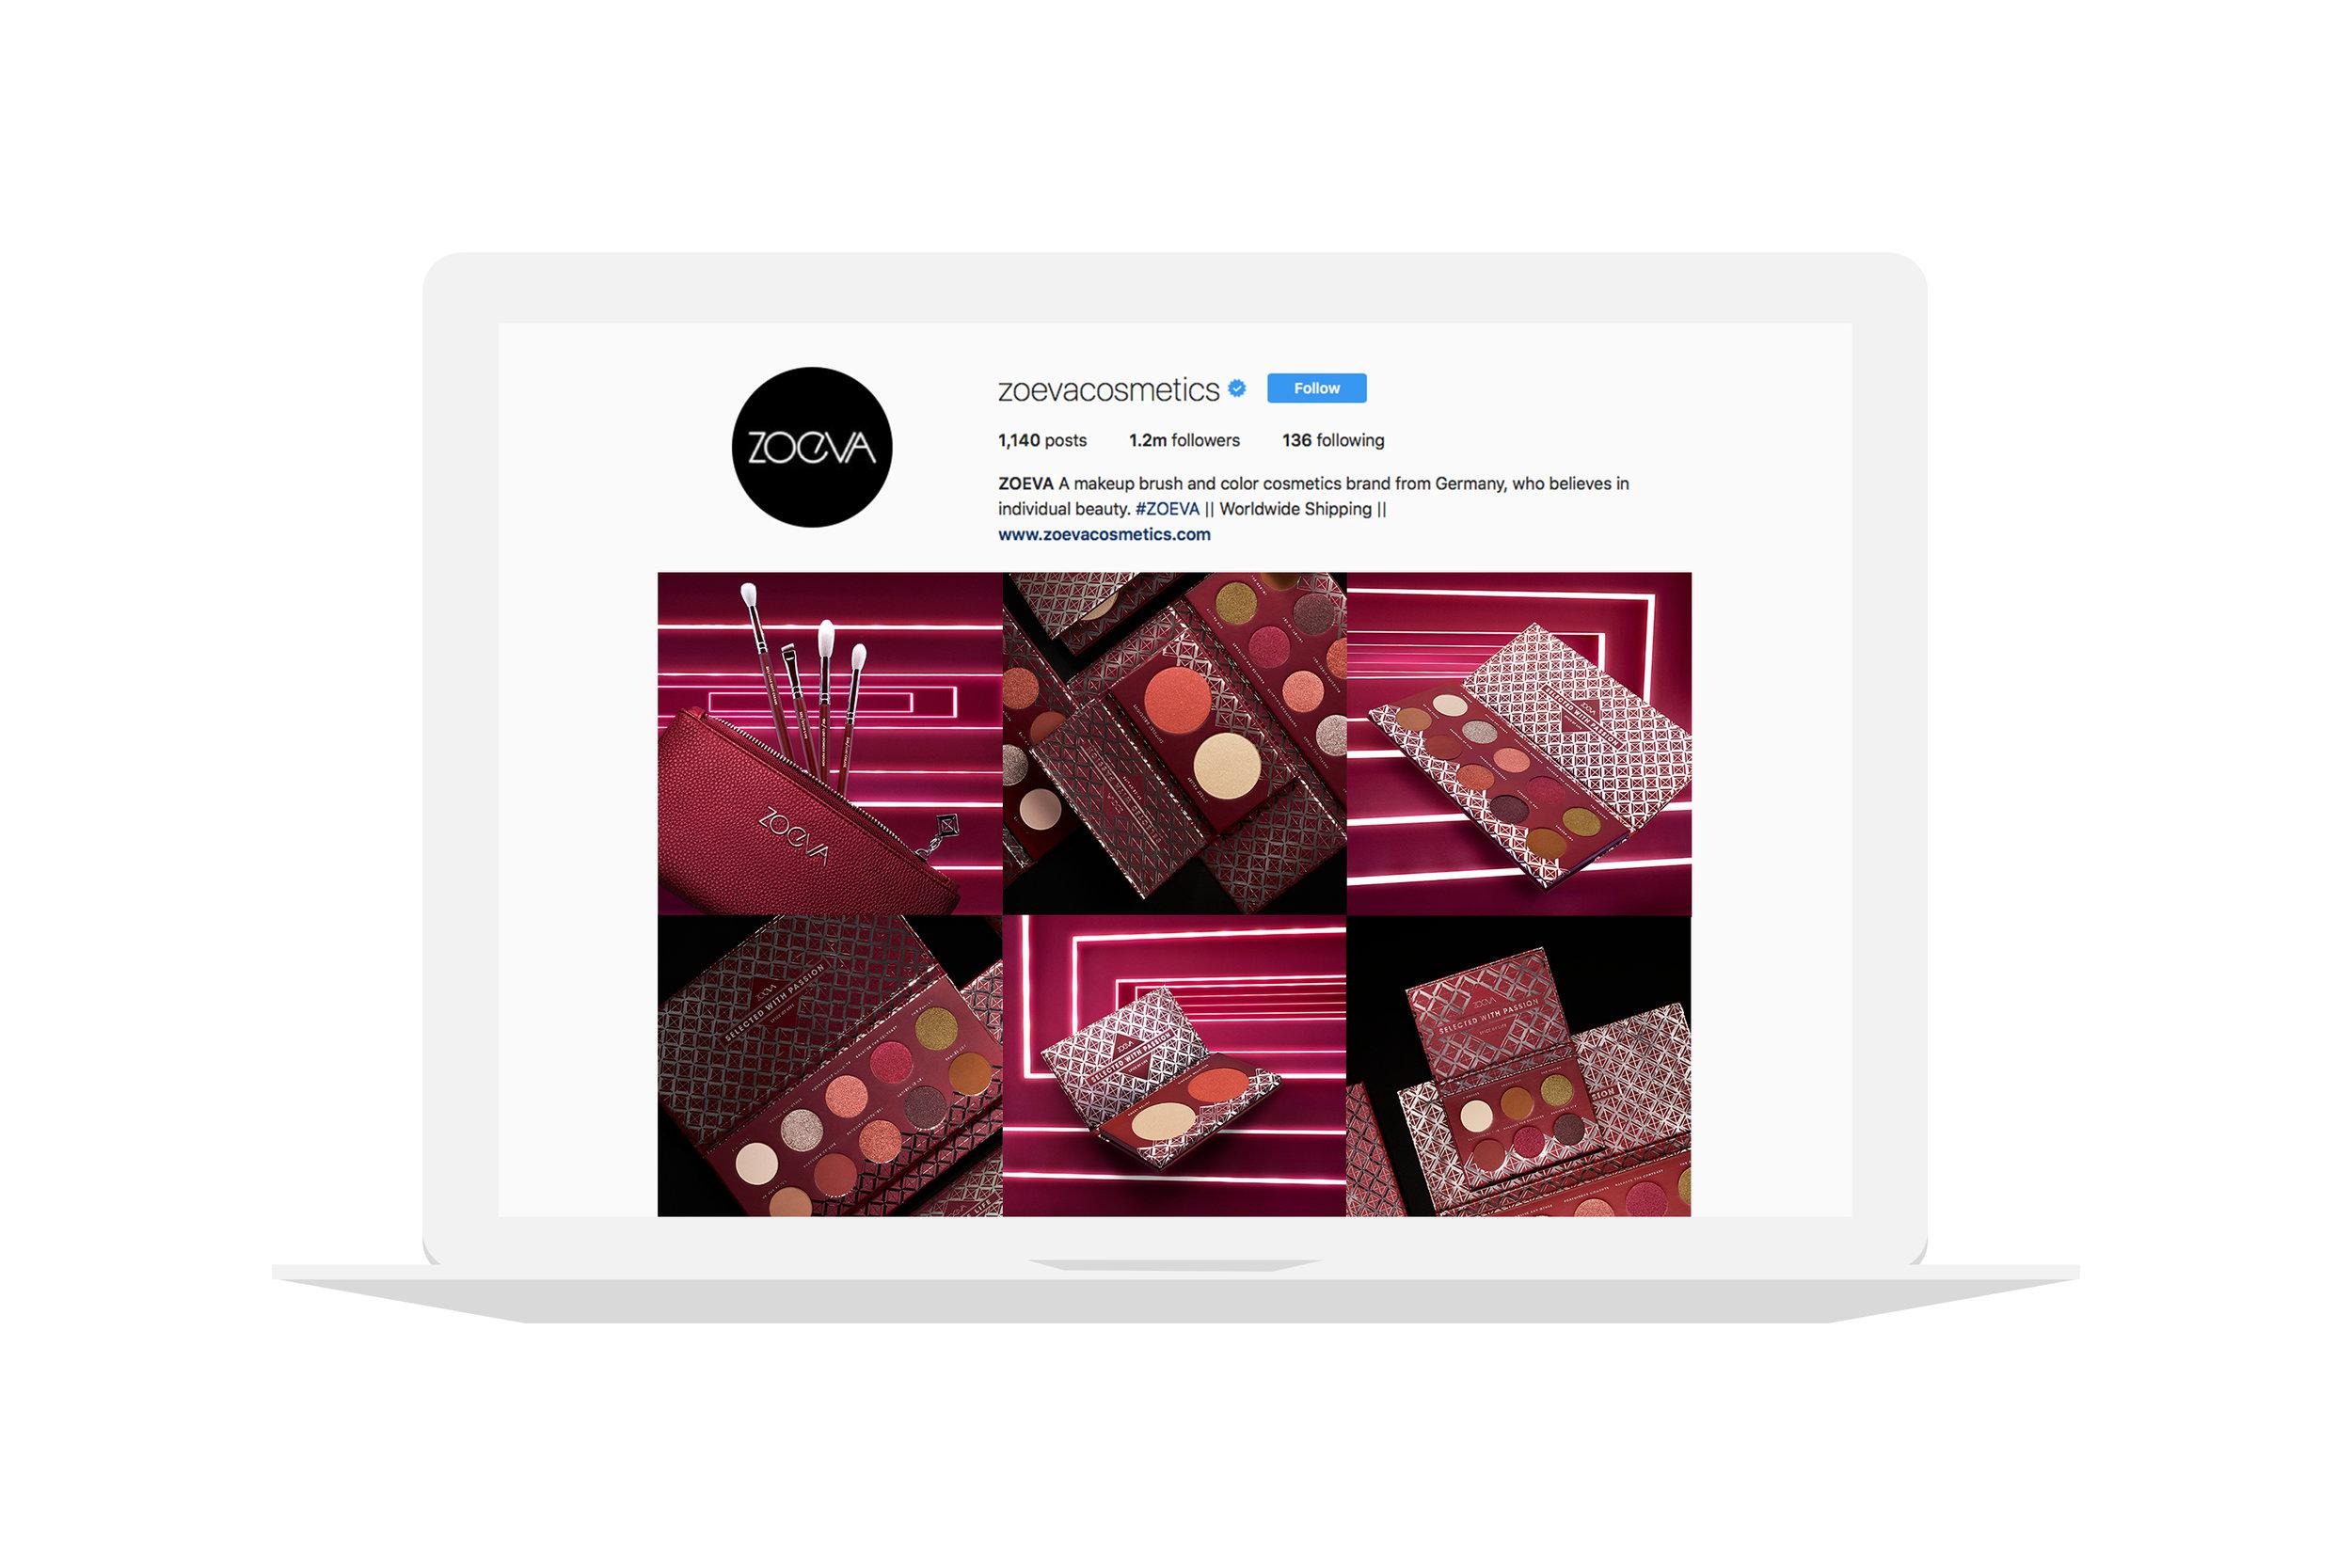 Zoeva-website-social-SpiceofLife.jpg